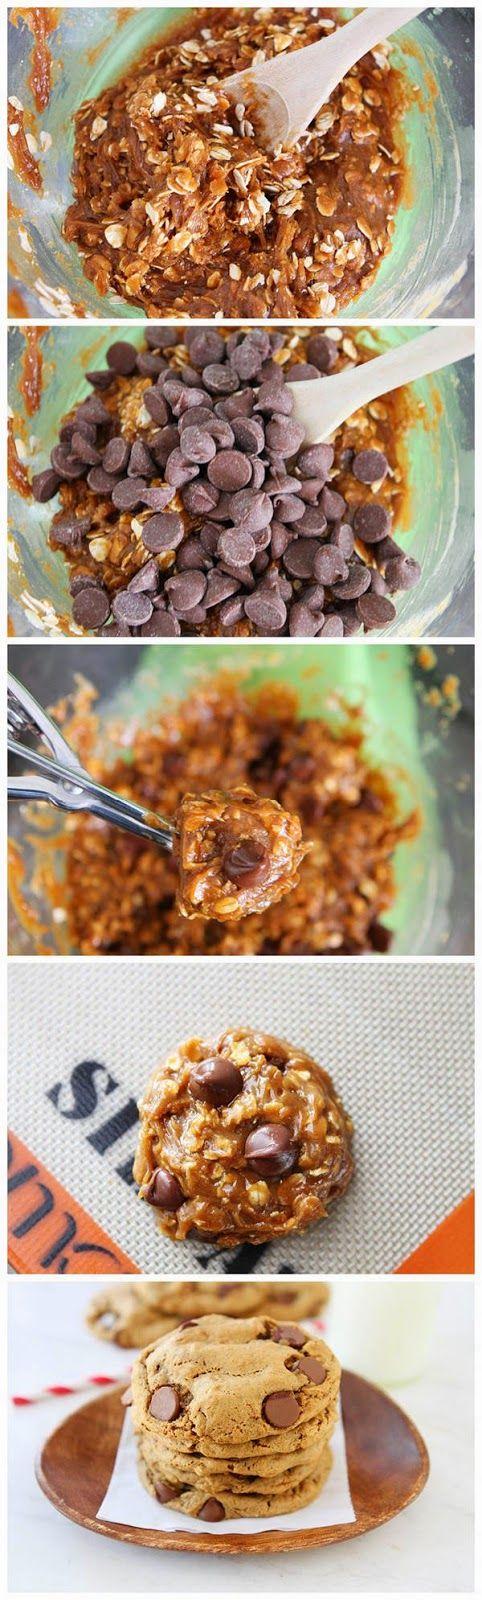 Flourless Peanut Butter Oatmeal Chocolate Chip Cookies - Gluten Free